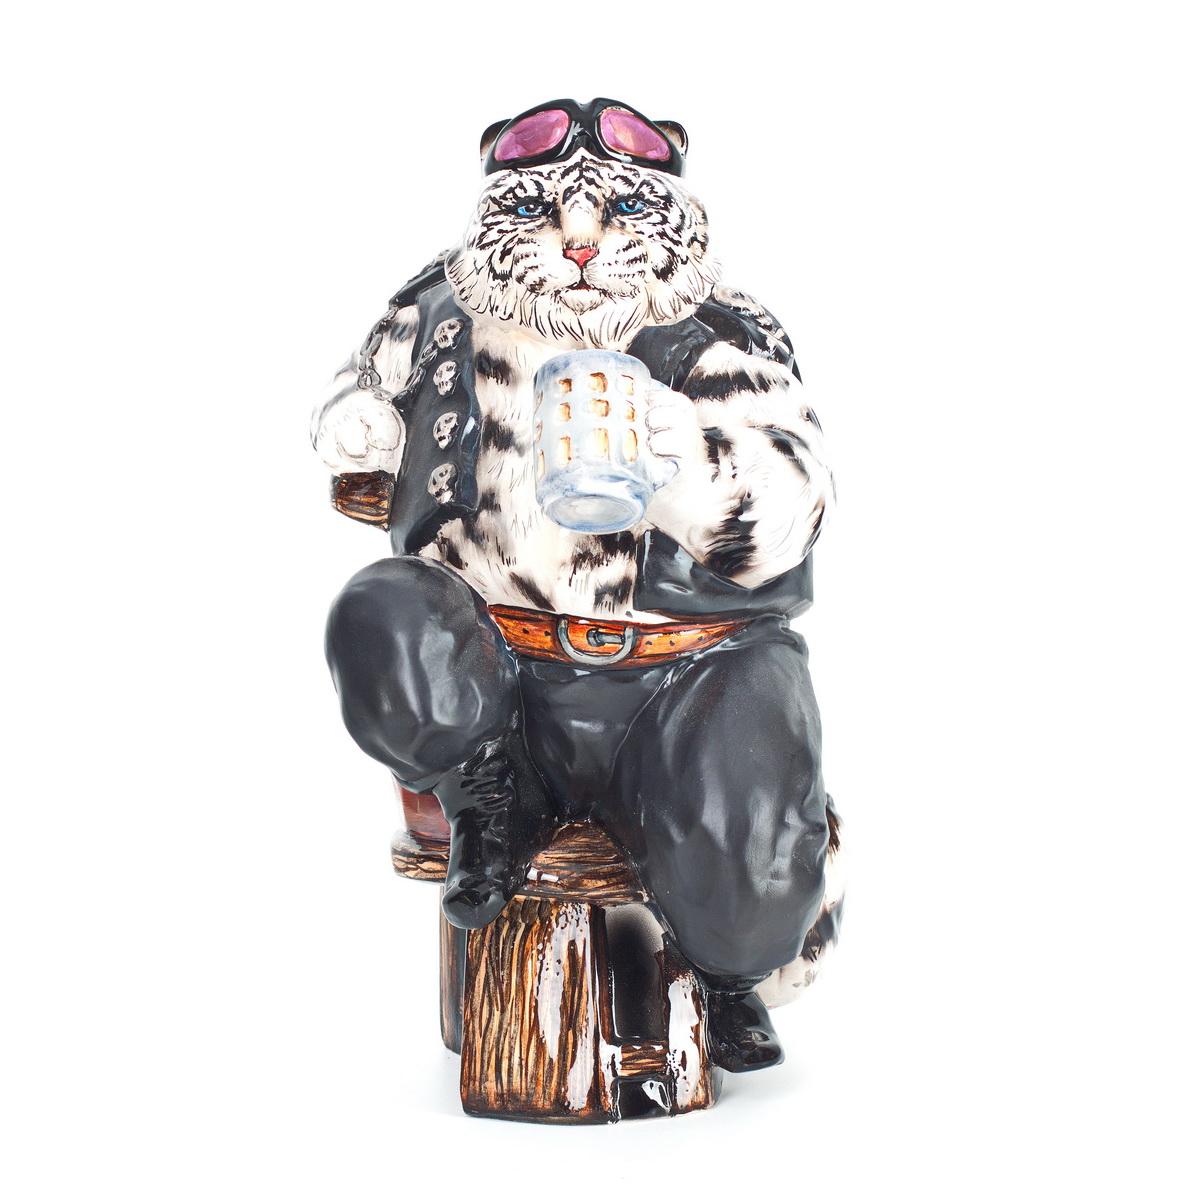 Керамическая статуэтка Белый тигр байкер. Авторская работа. ZORA. Россия. ZS-TIBW-28 керамическая скульптура кот бобтейл авторская работа zora россия zs bog 22